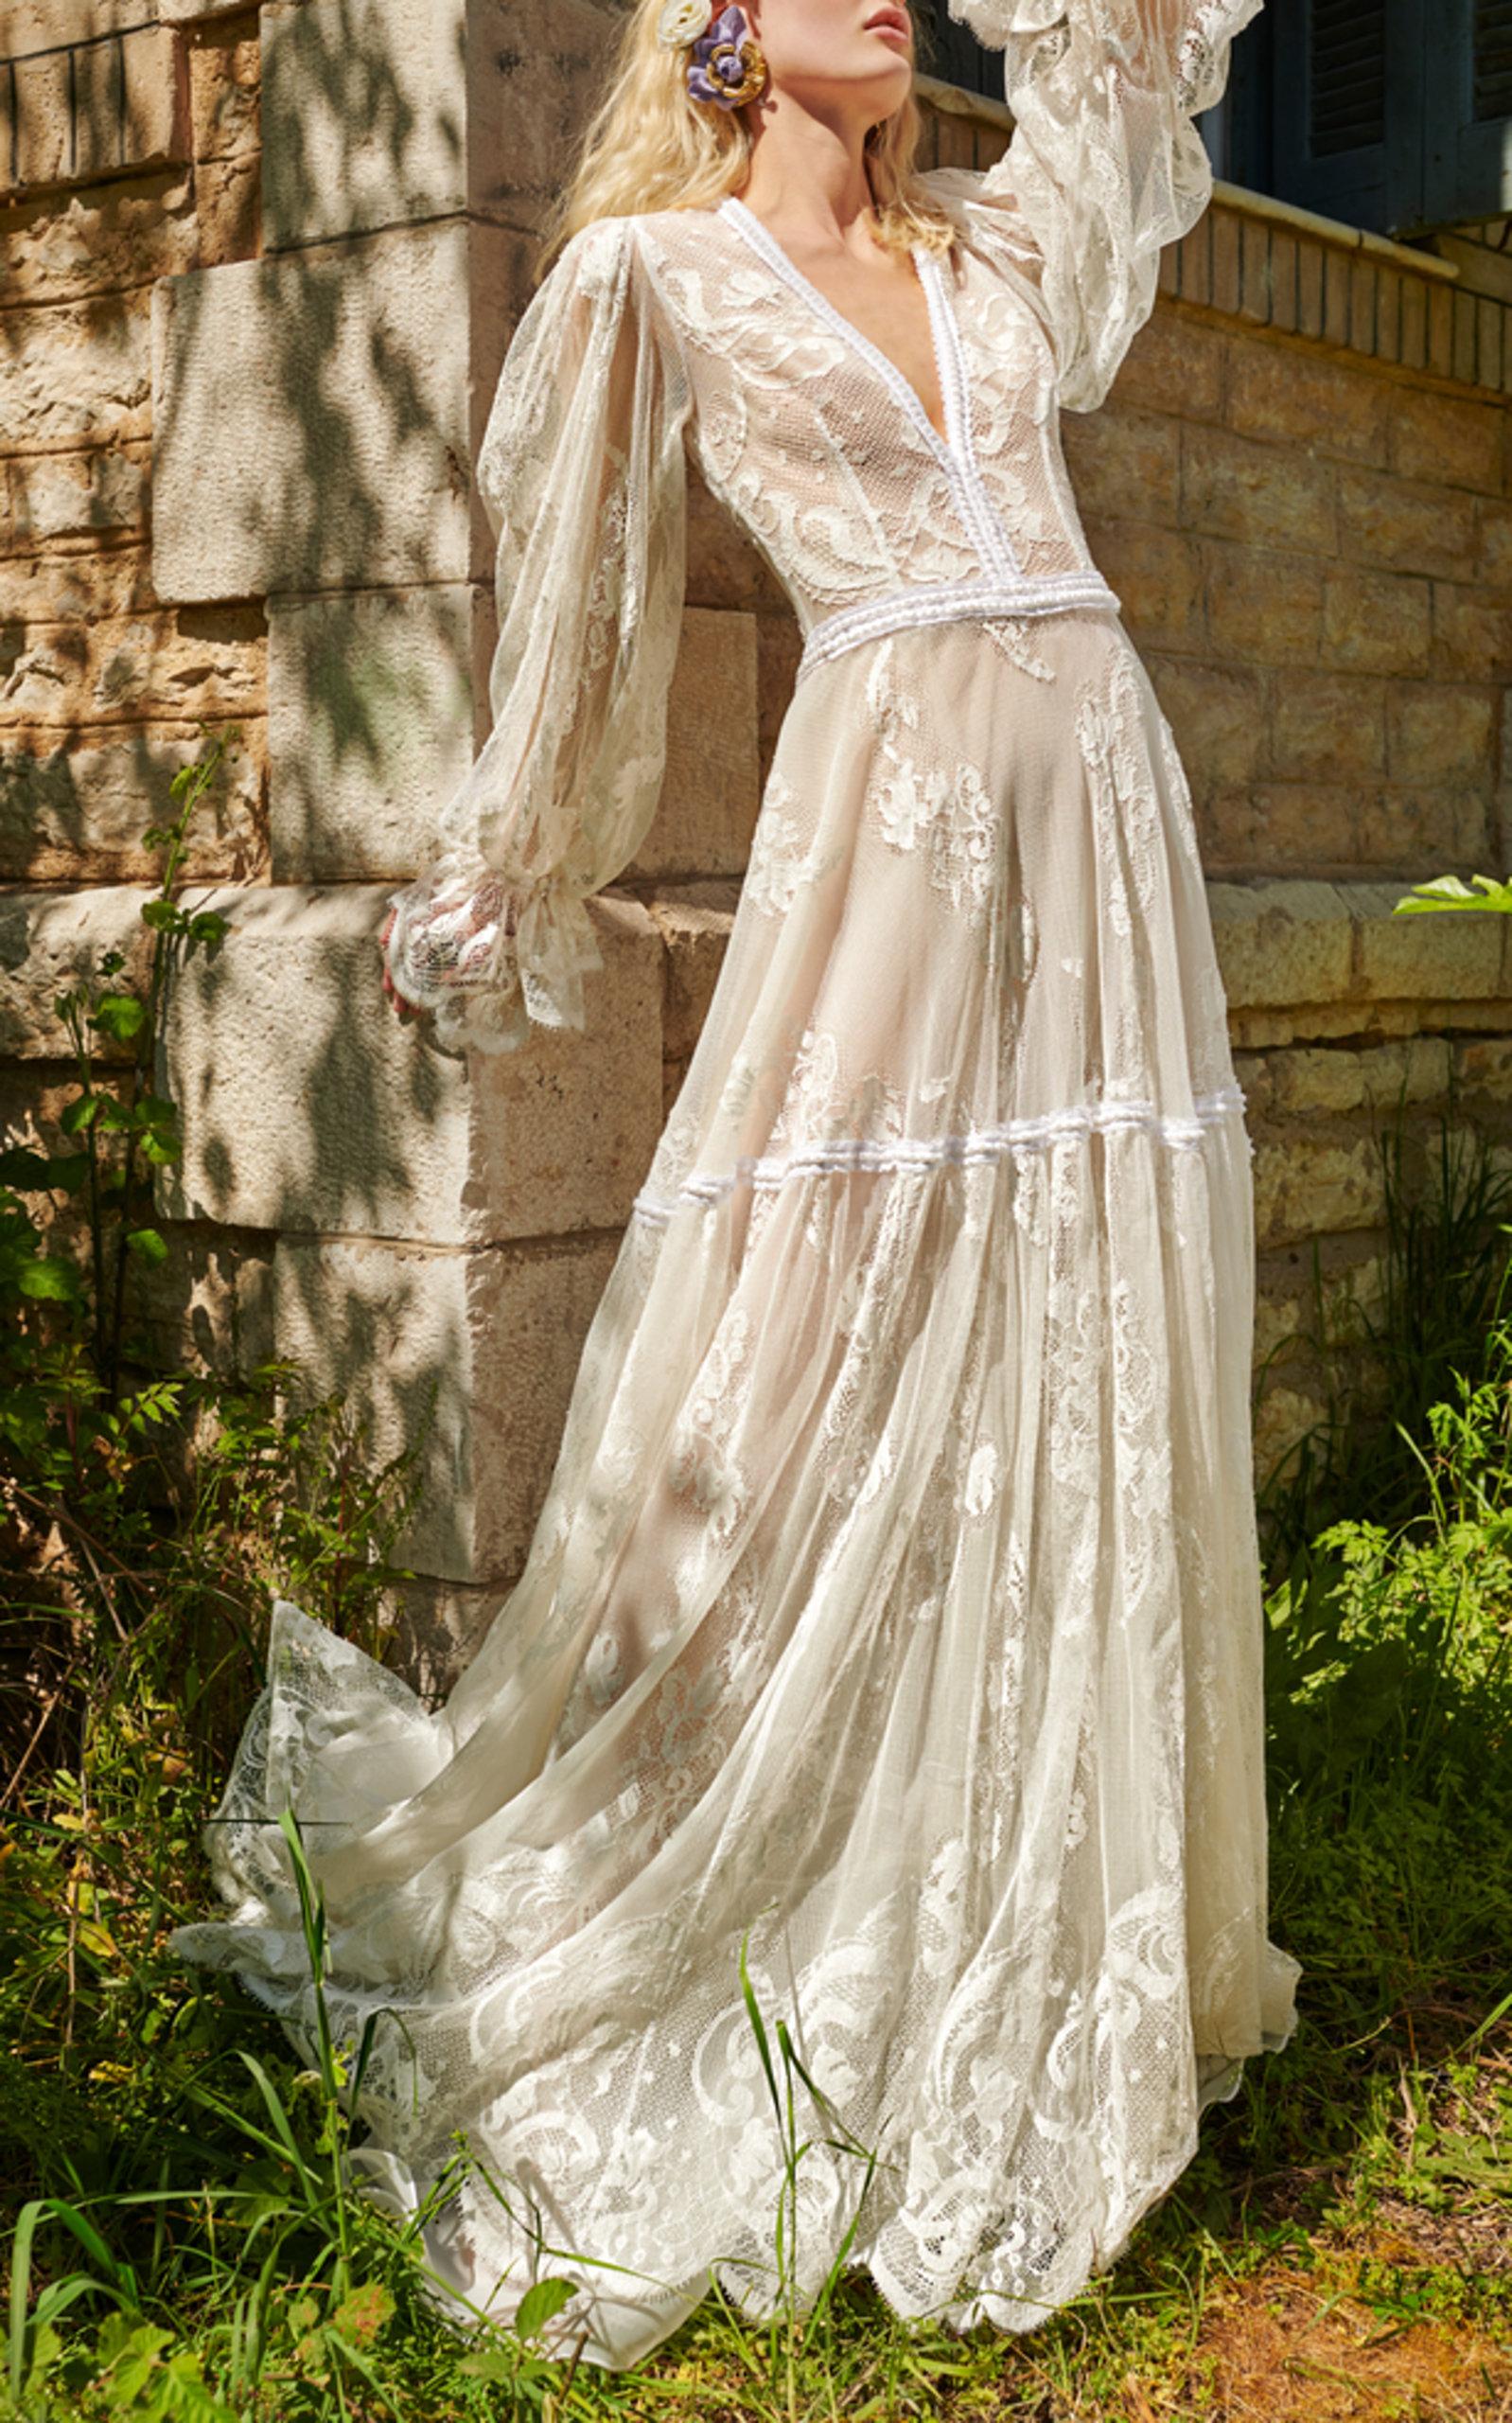 COSTARELLOS BRIDAL ROMANTIC LACE GOWN